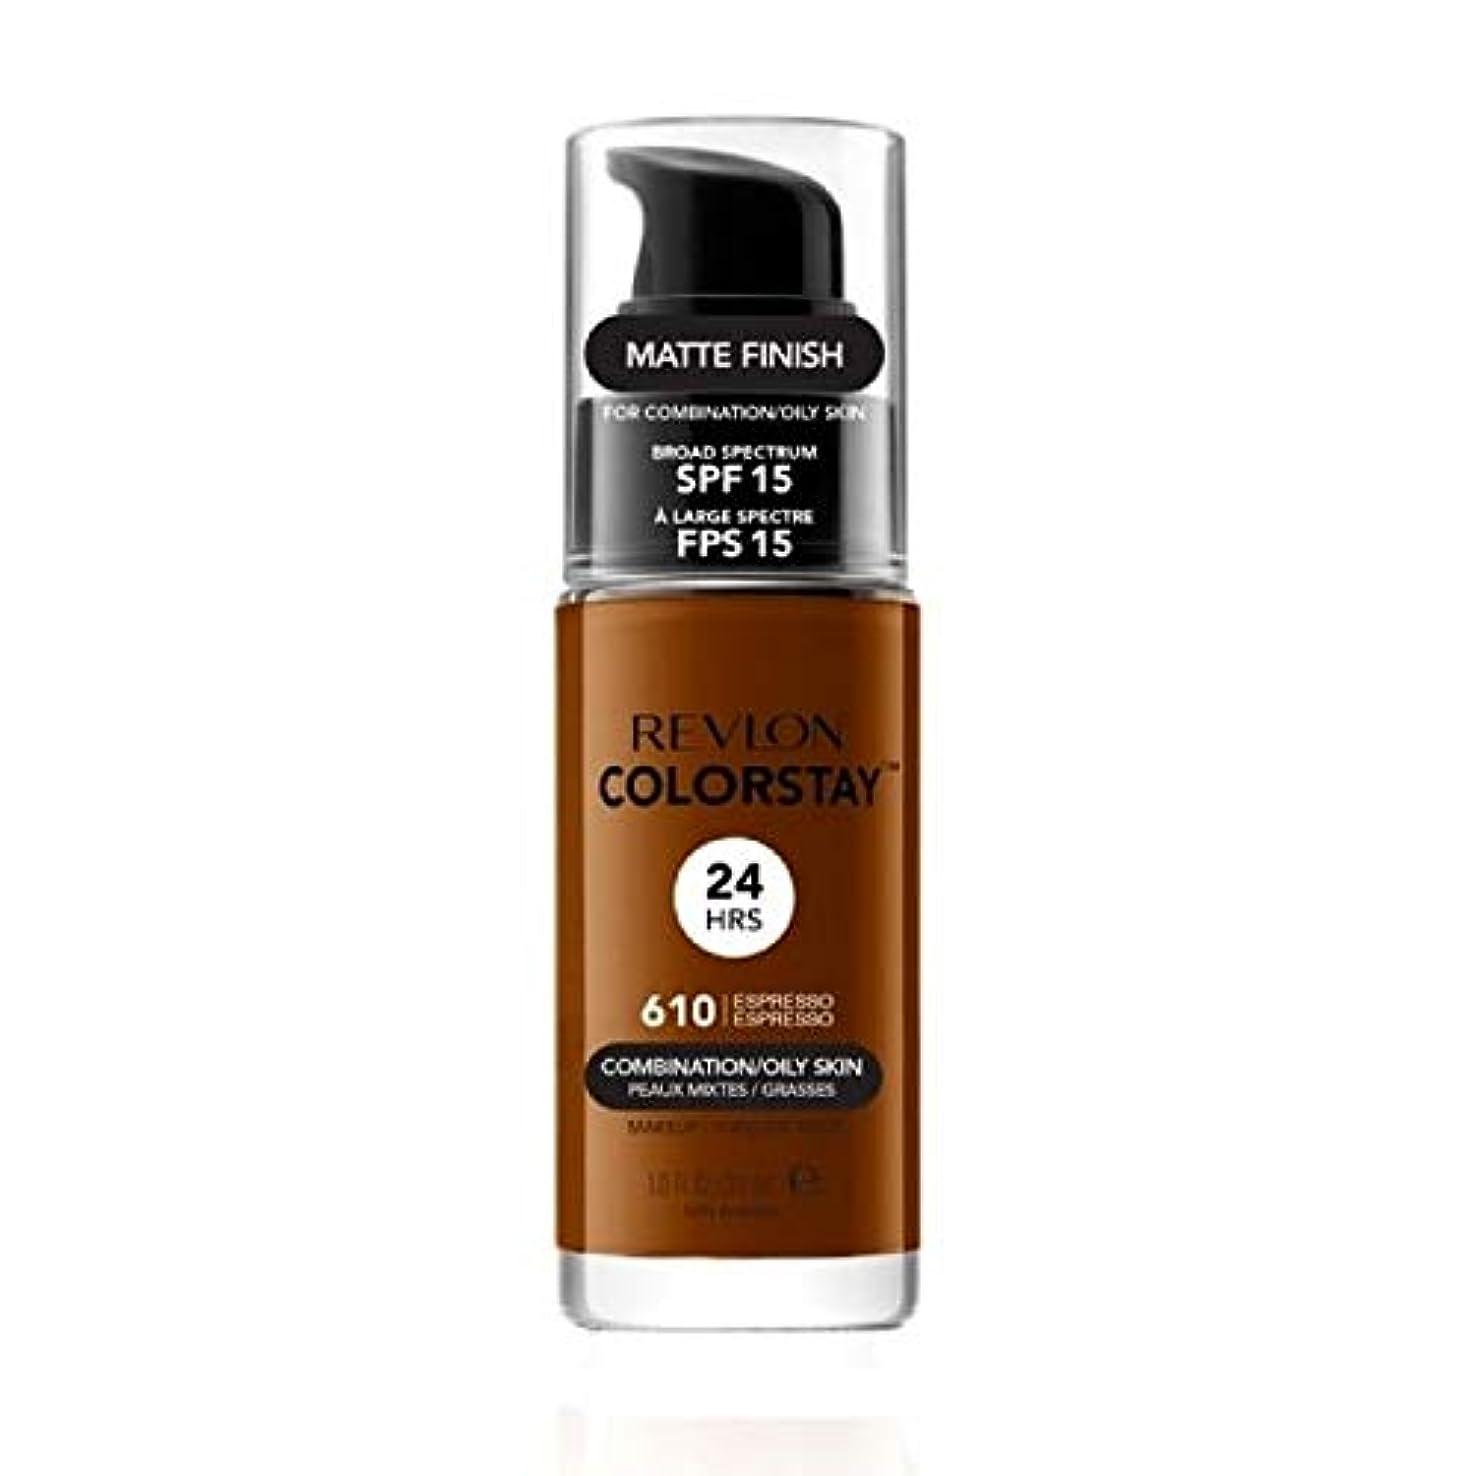 受け皿エレベーター底[Revlon ] レブロンColorstayの基盤コンビオイリー肌の30ミリリットルのエスプレッソ - Revlon Colorstay Foundation Combi Oily skin 30ml Espresso...